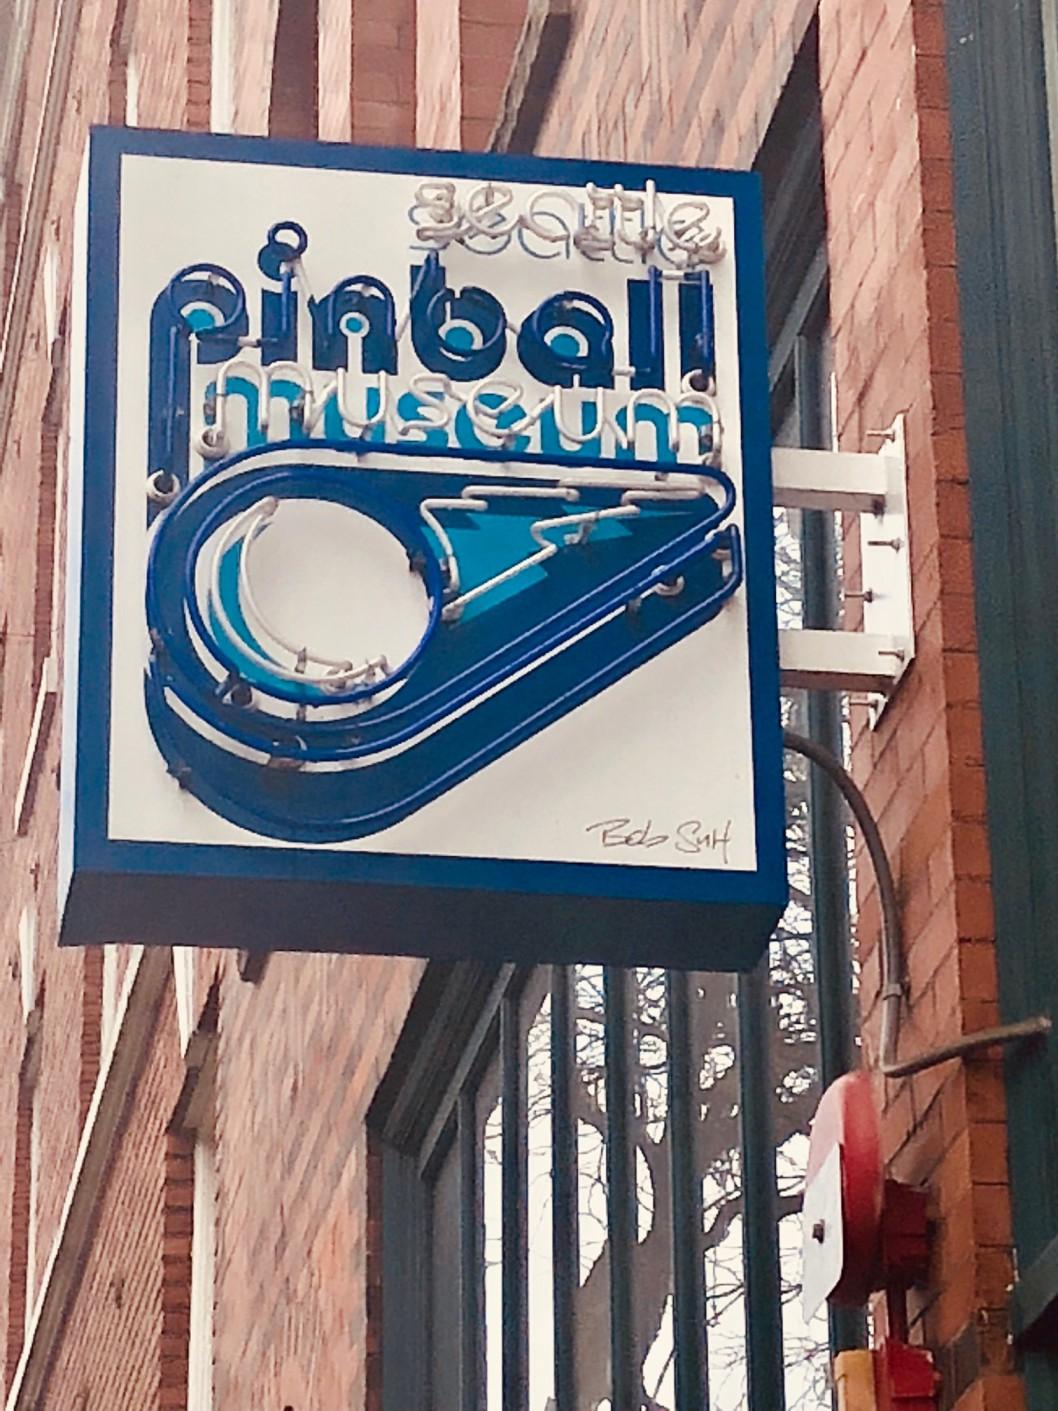 pinballmuseum.jpg